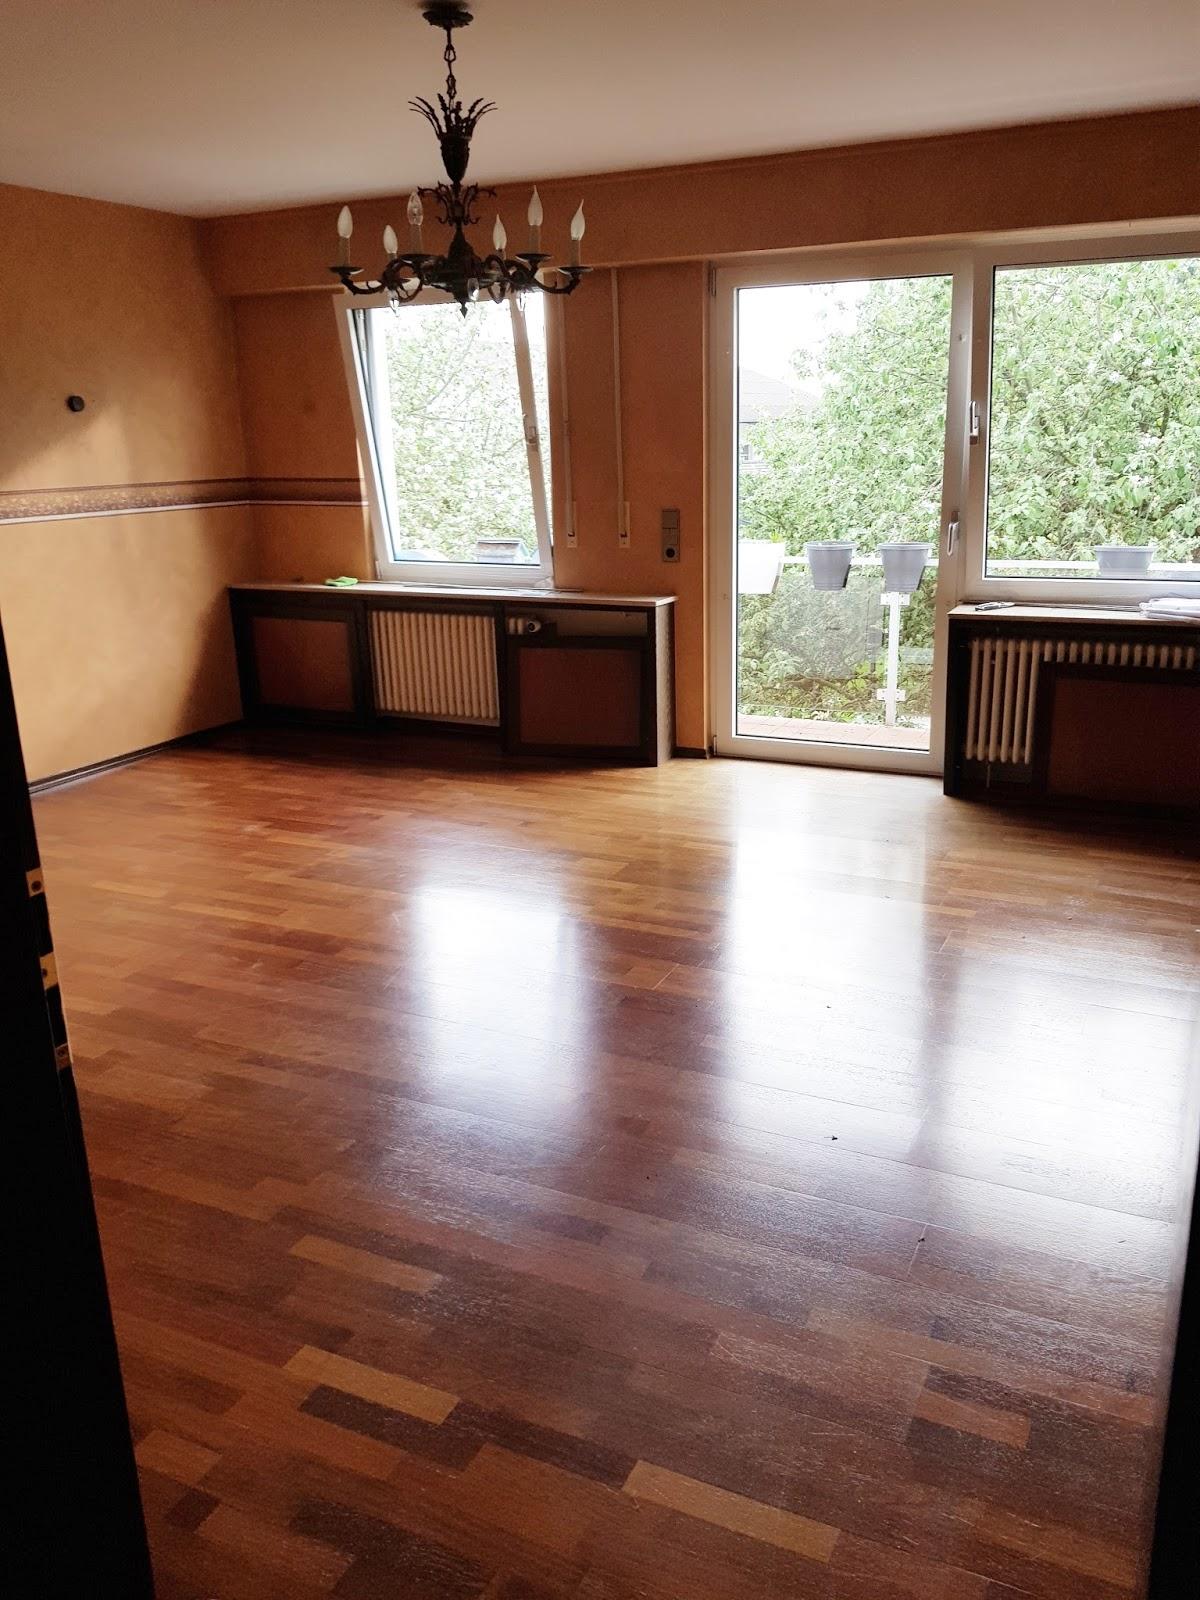 Wohnzimmer vor der Renovierung